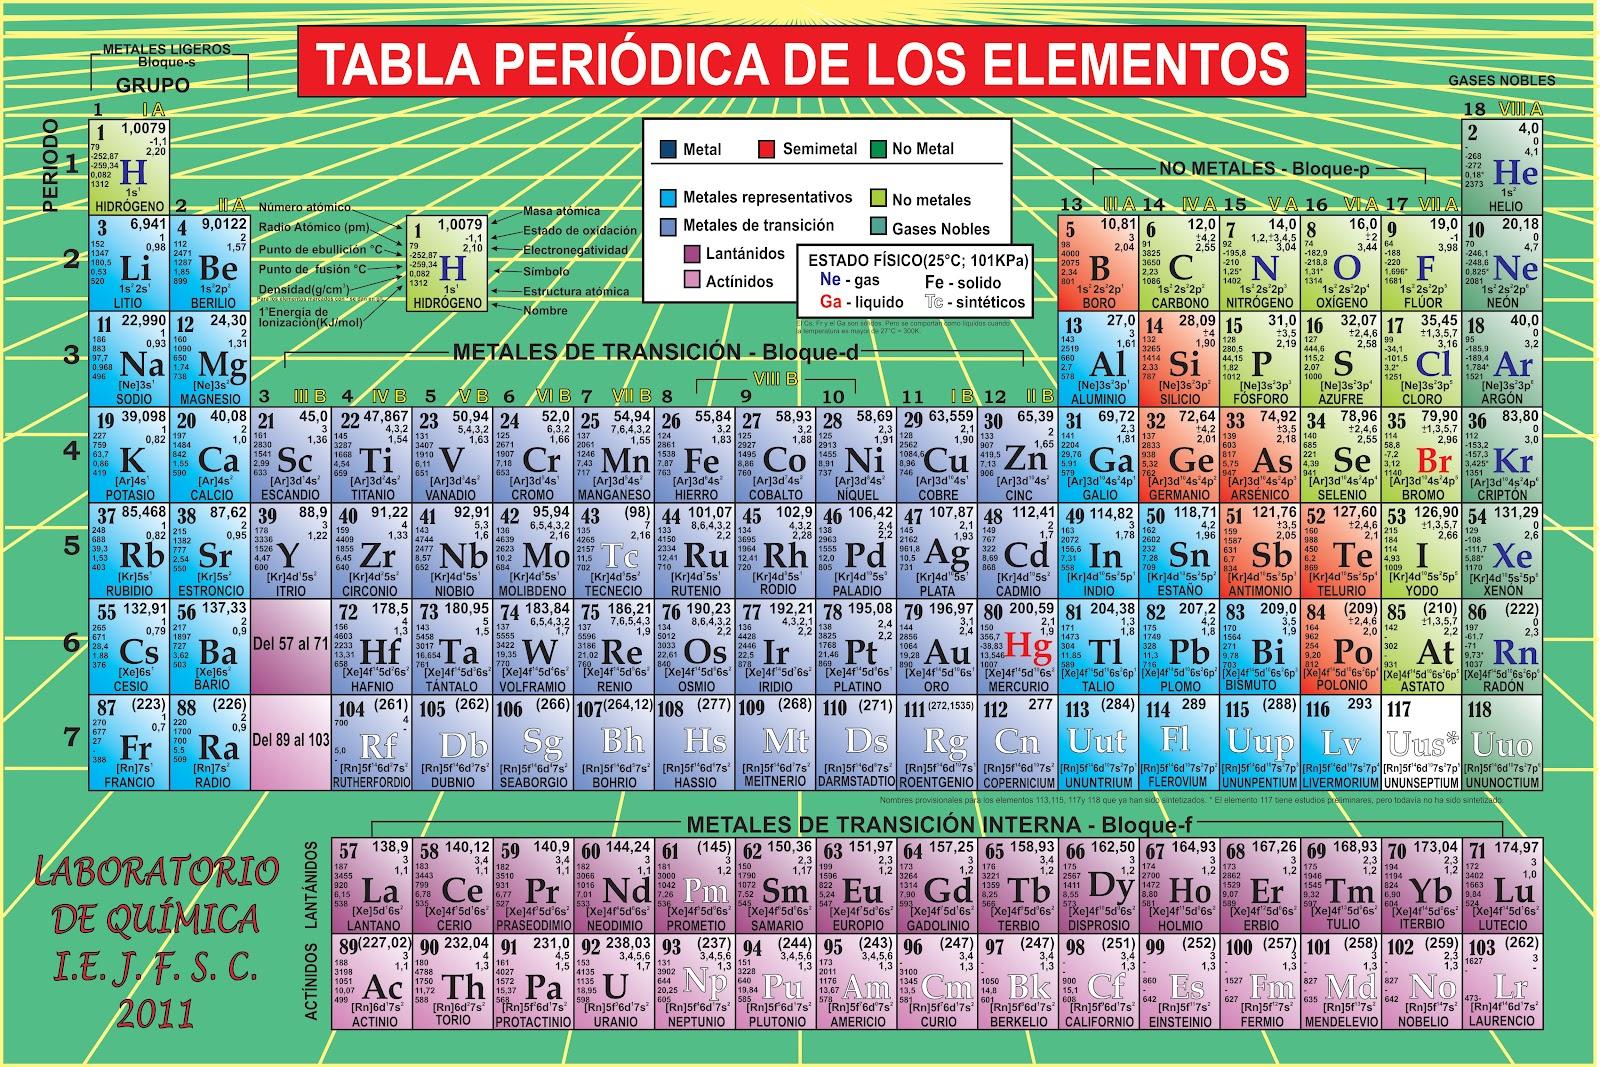 imagenes de tablas periodicas - Tabla Periodica Hd 4k